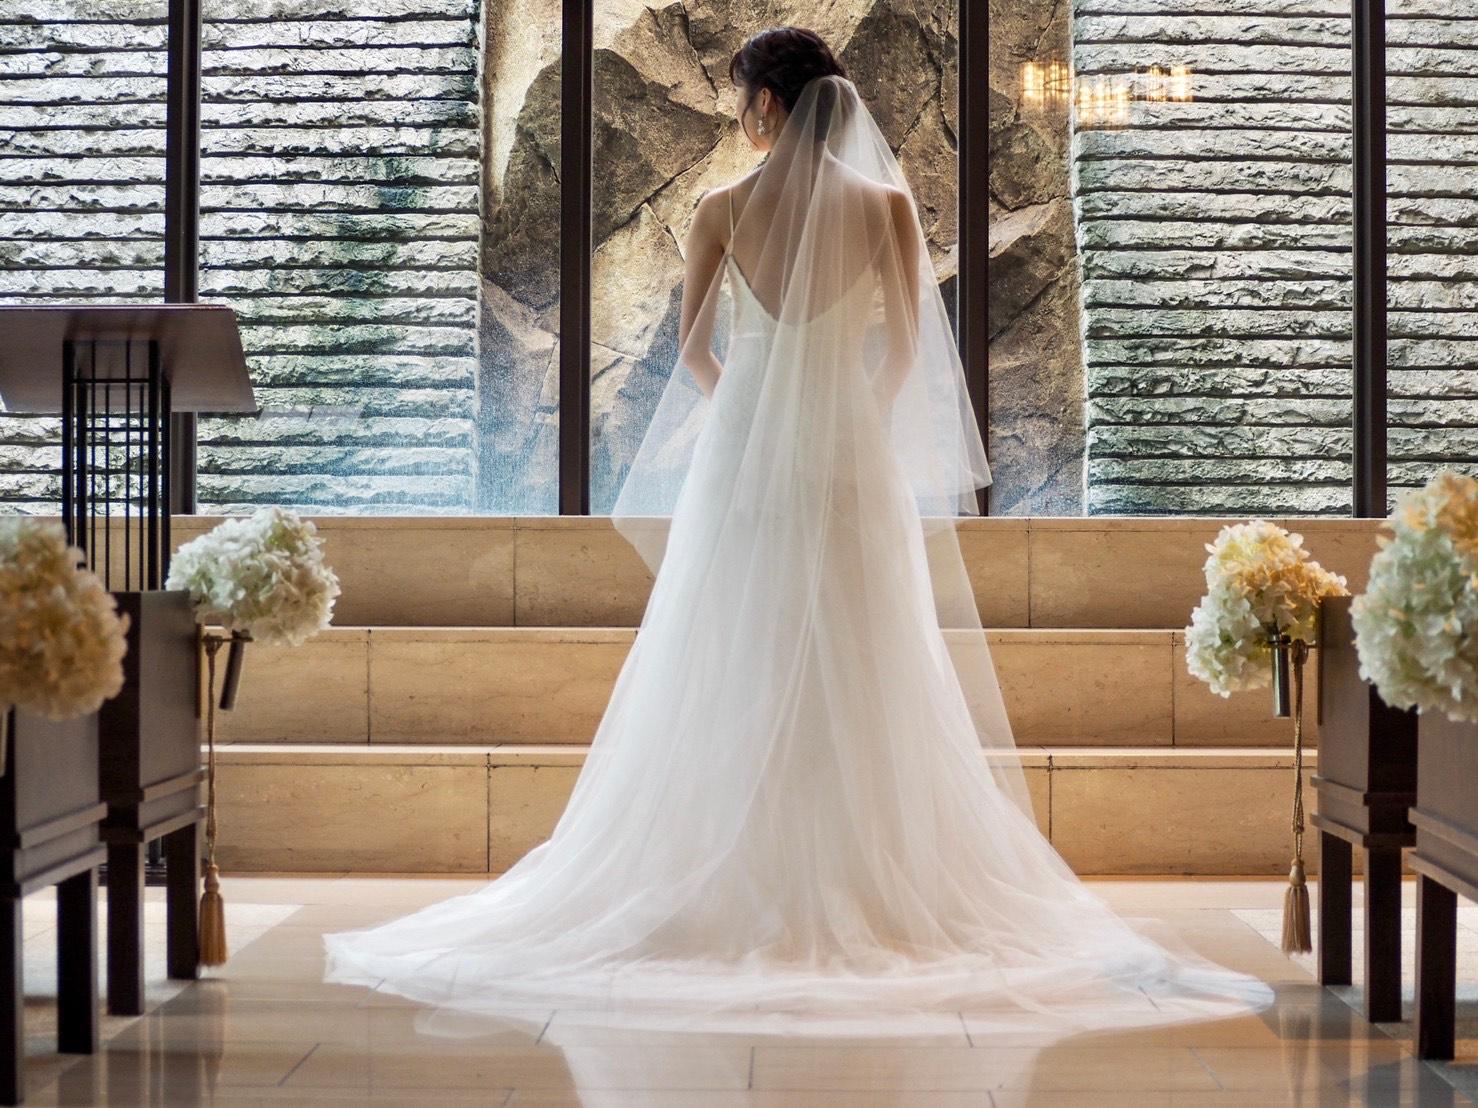 アットホームなオリエンタルホテル神戸のチャペルとTHE TREAT DRESSING神戸店にてお取り扱いしているおすすめのMONIQUE LUILIER(モニークルイリエ)のウェディングドレス